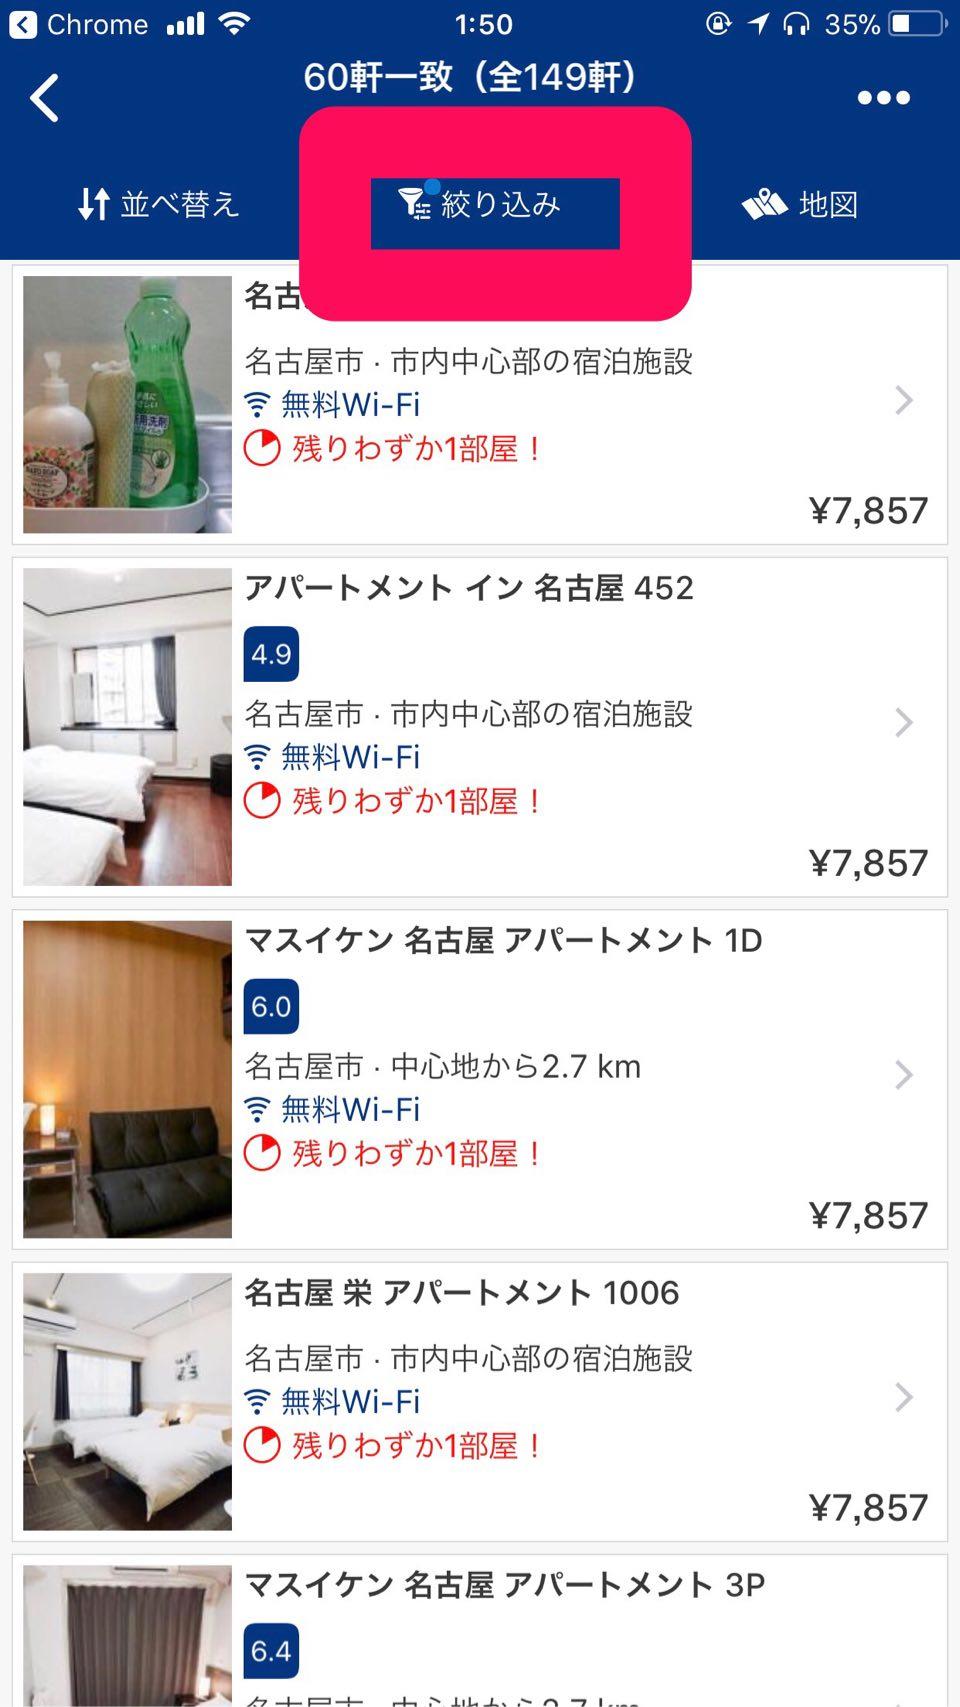 ブッキングドットコム(Booking.com)の民泊